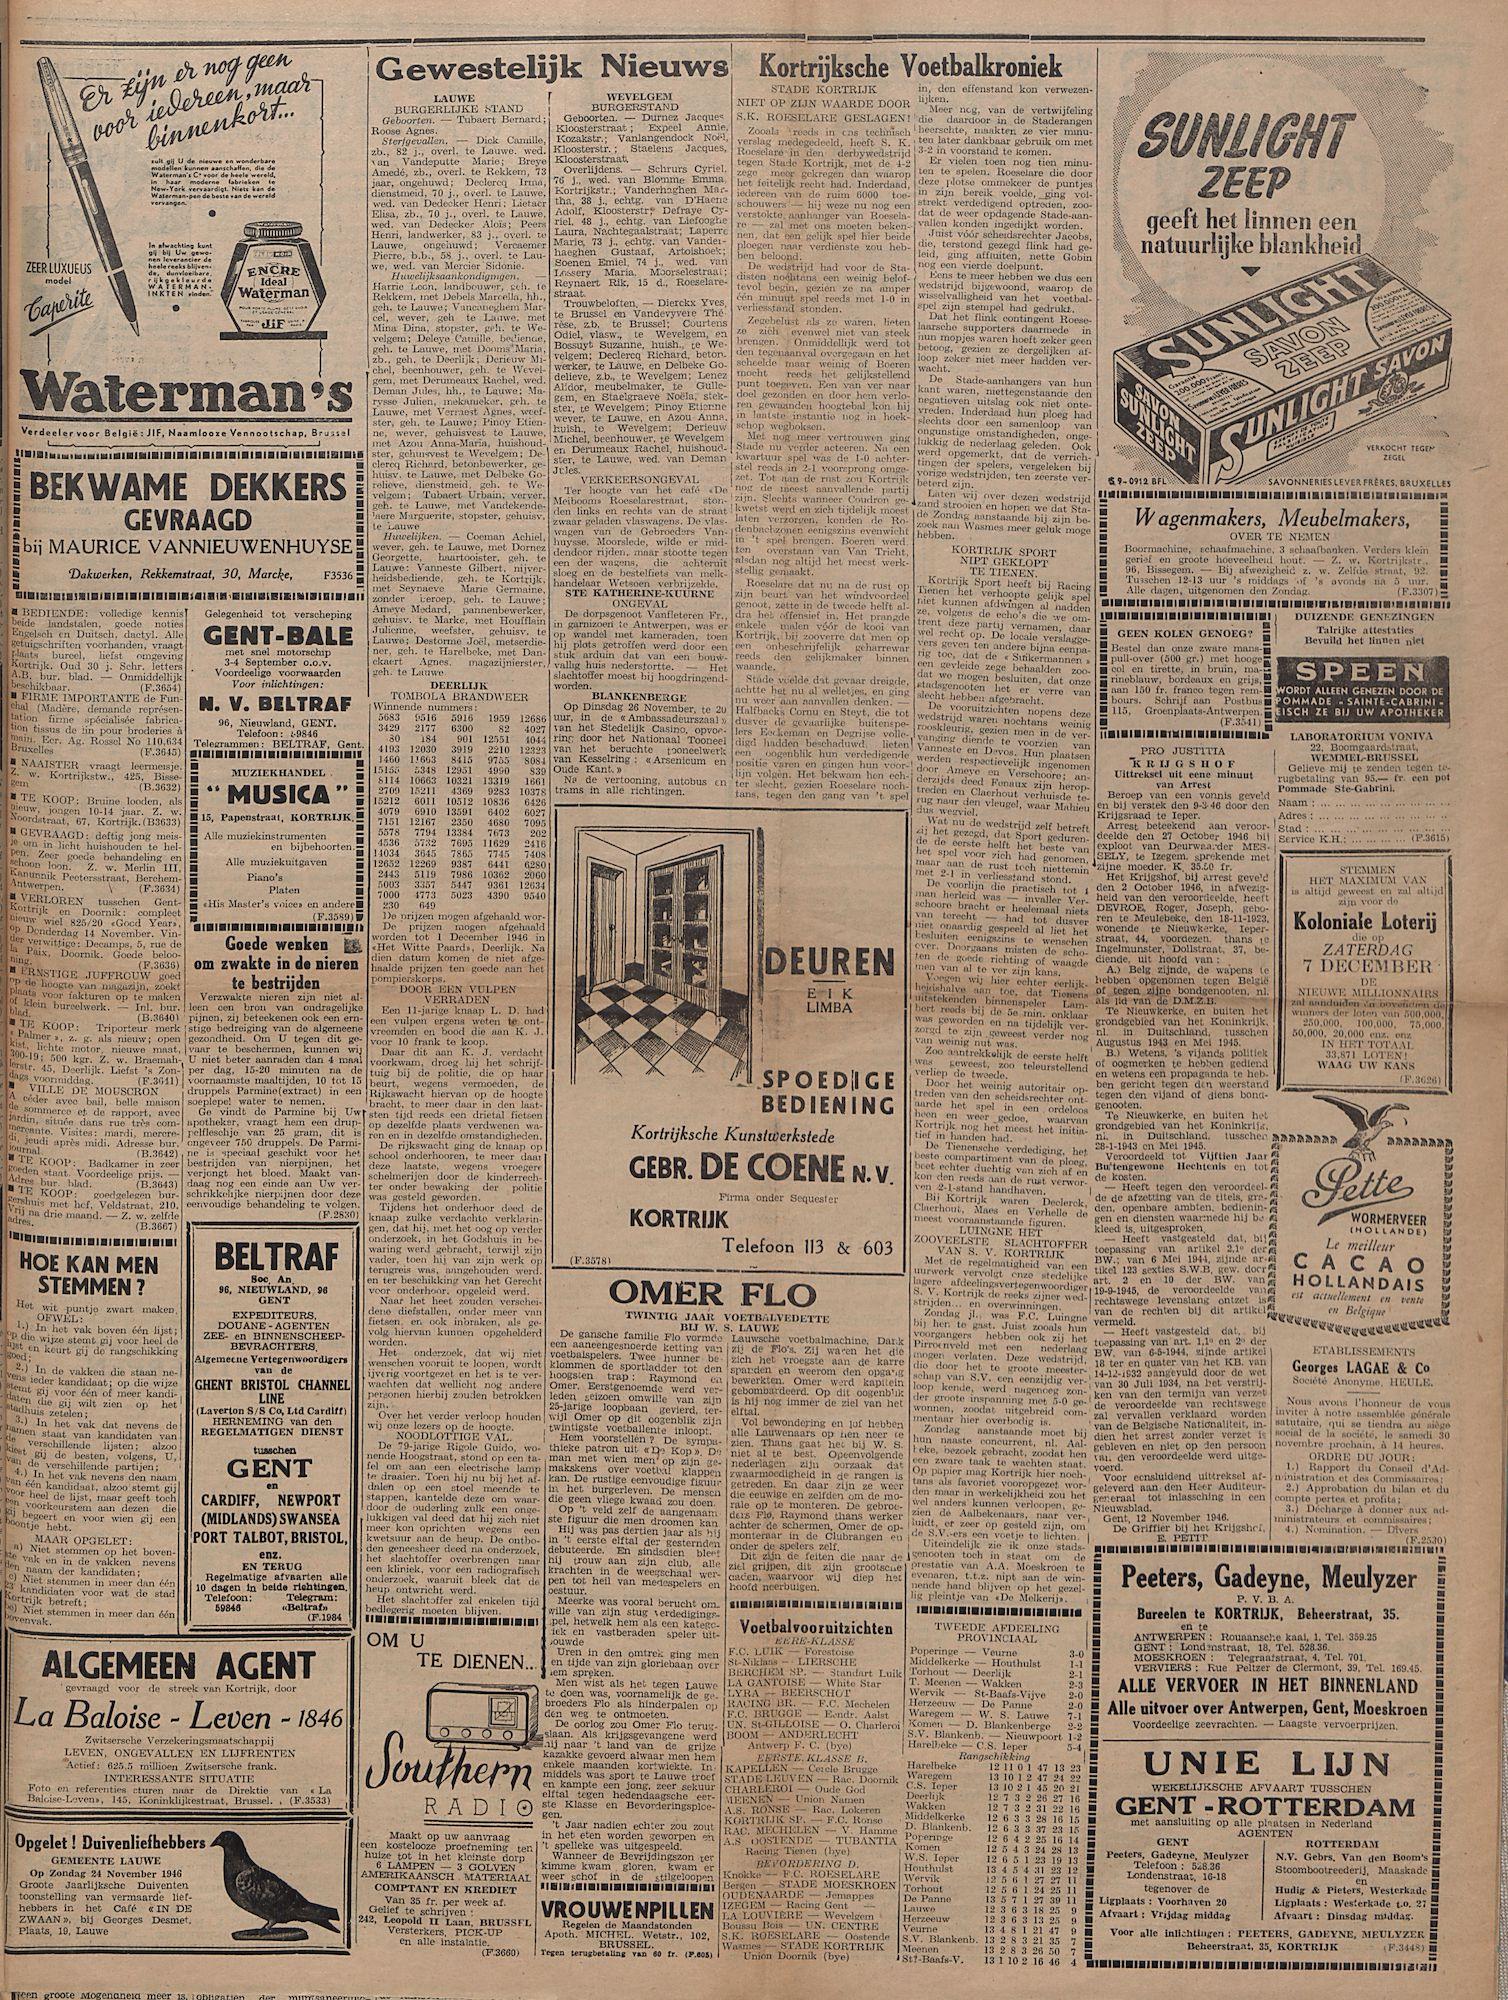 Kortrijksch Handelsblad 22 november 1946 Nr94 p3